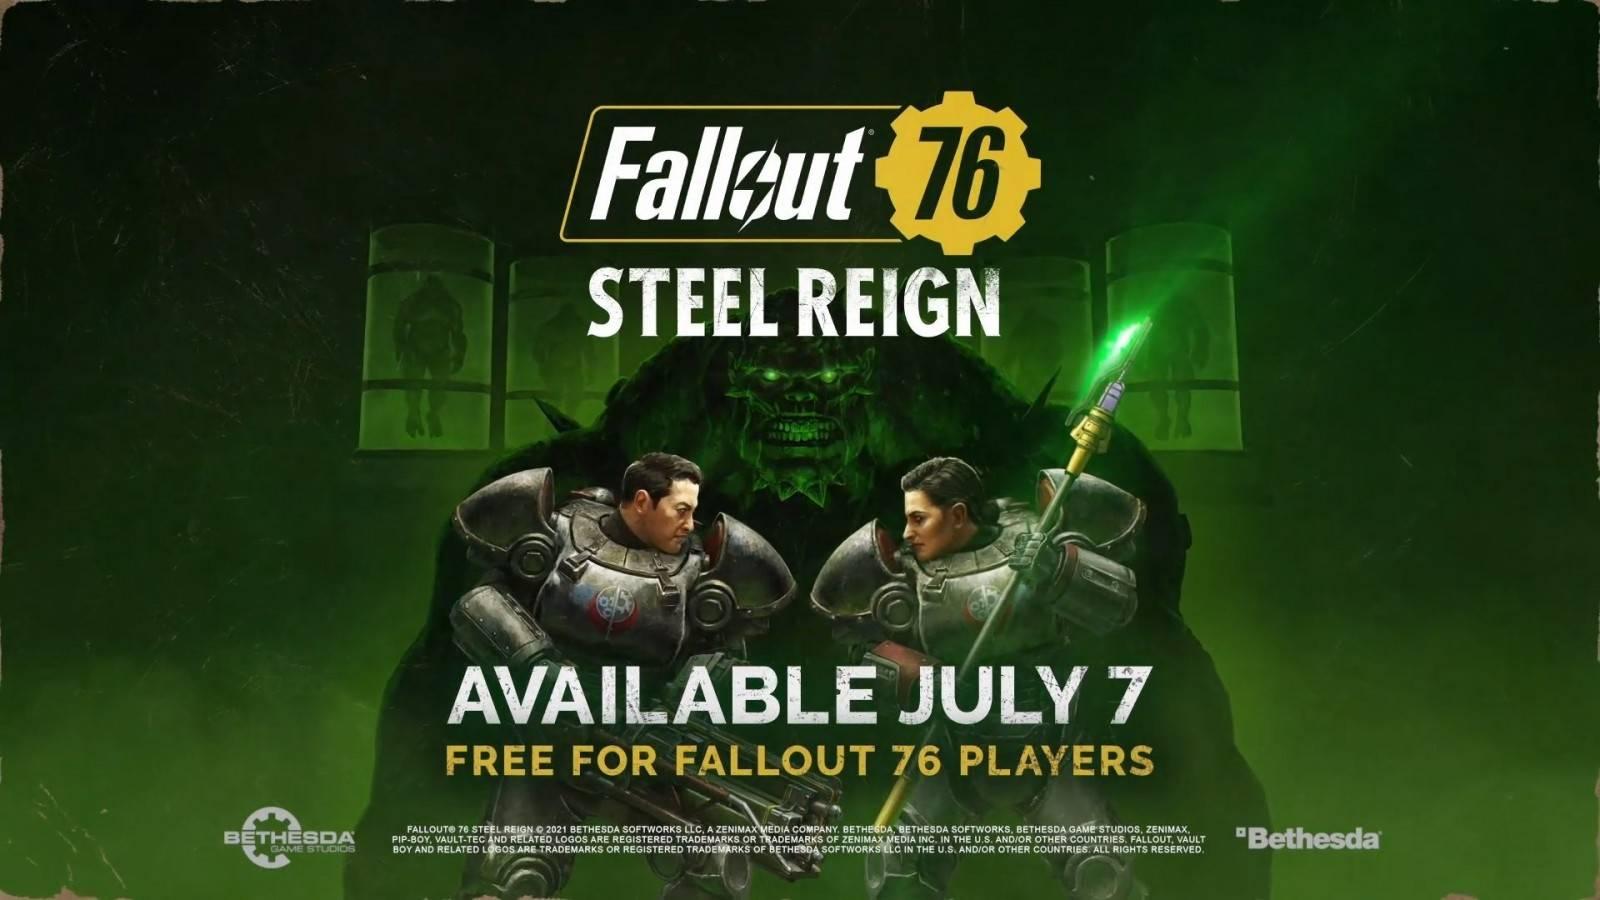 Fallout 76 Steel Reign llegará el 7 de Julio